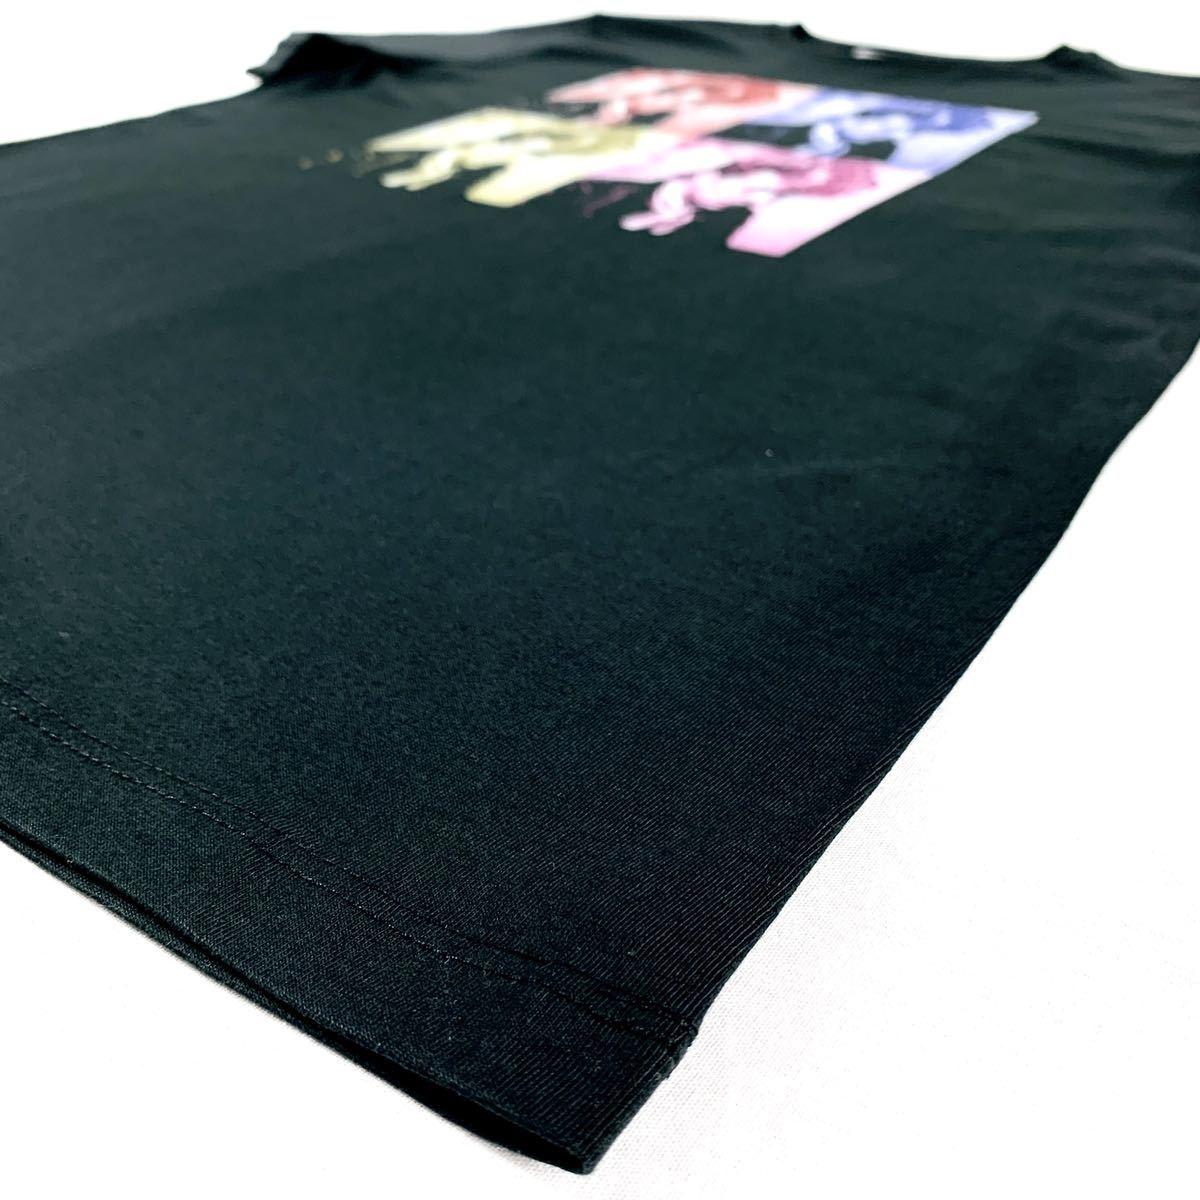 新品 ブライアンセッツァー カラフル ポップ アート ロカビリー バンド 黒 Tシャツ S M L XL ビッグ オーバー サイズ XXL~5XL ロンT 対応_画像9